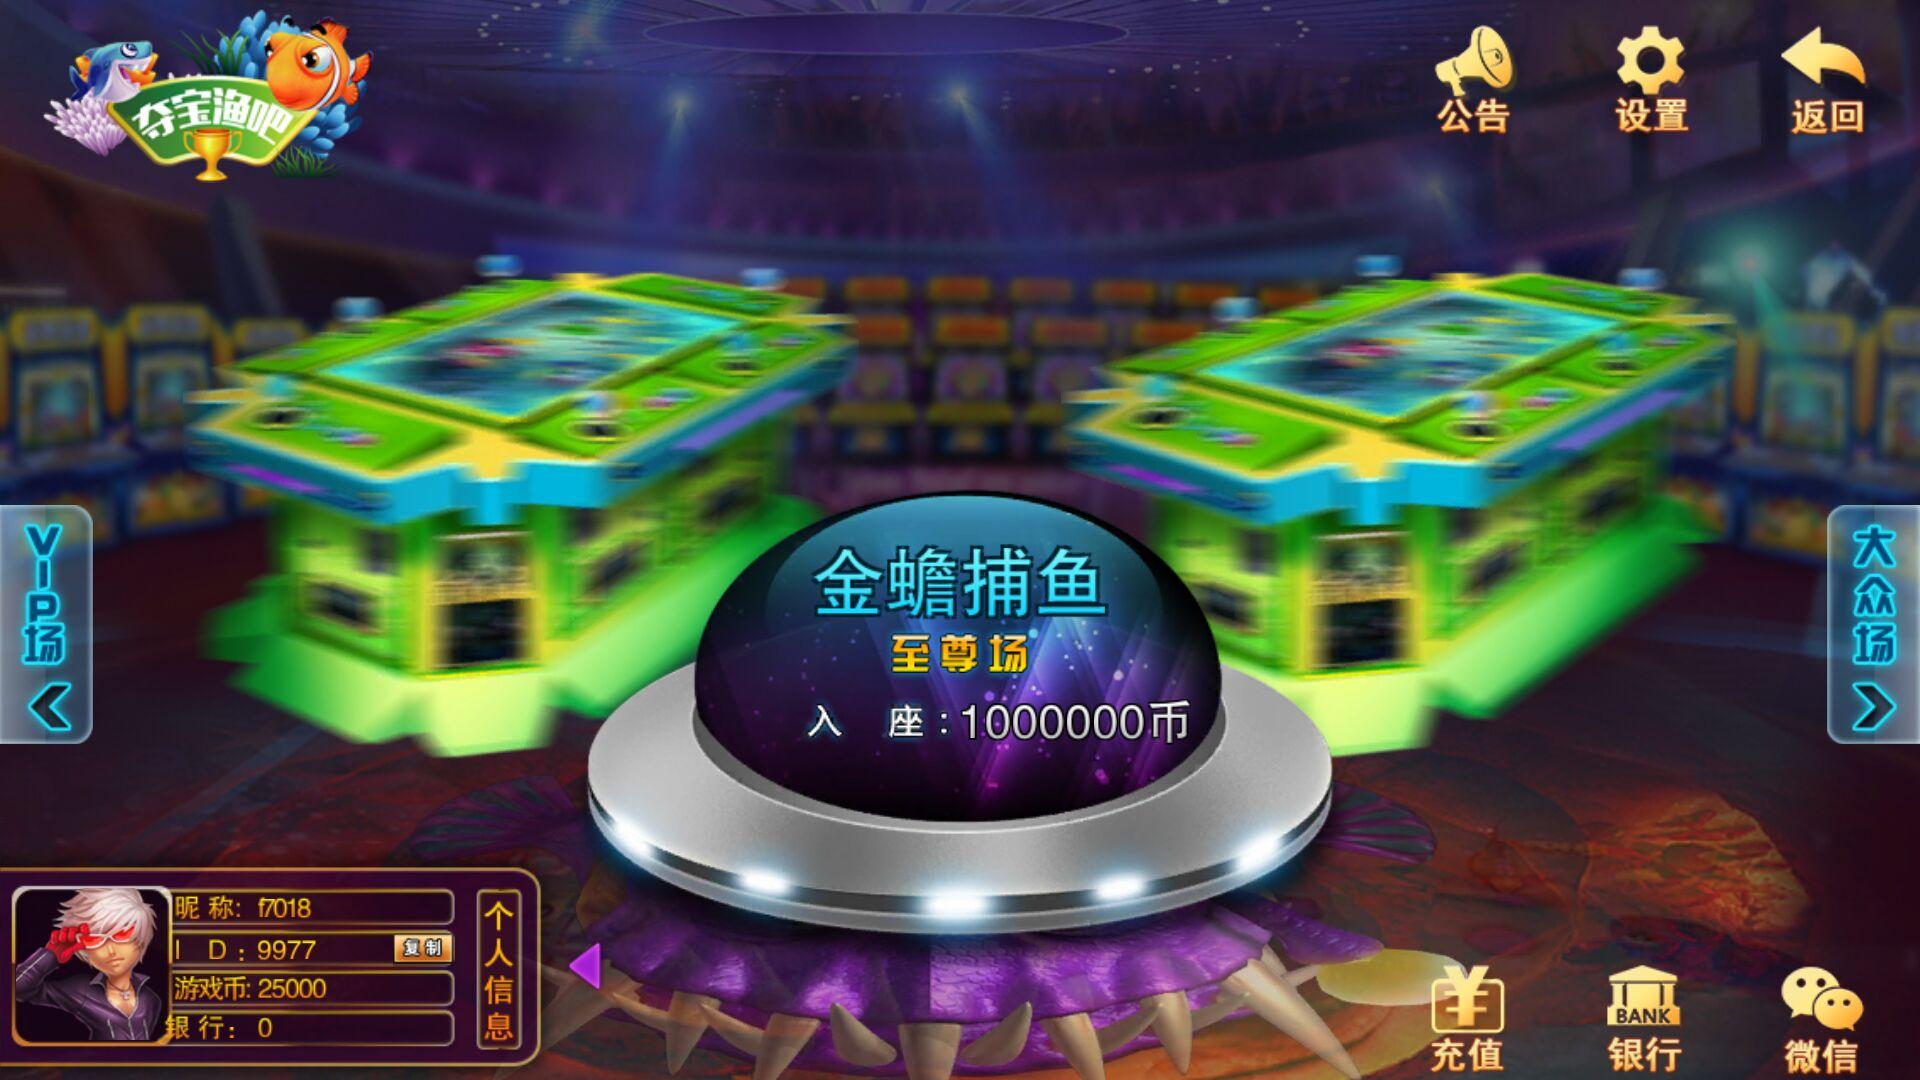 富贵电玩2代 富贵电玩新版 富贵电玩组件下载 棋牌-第3张